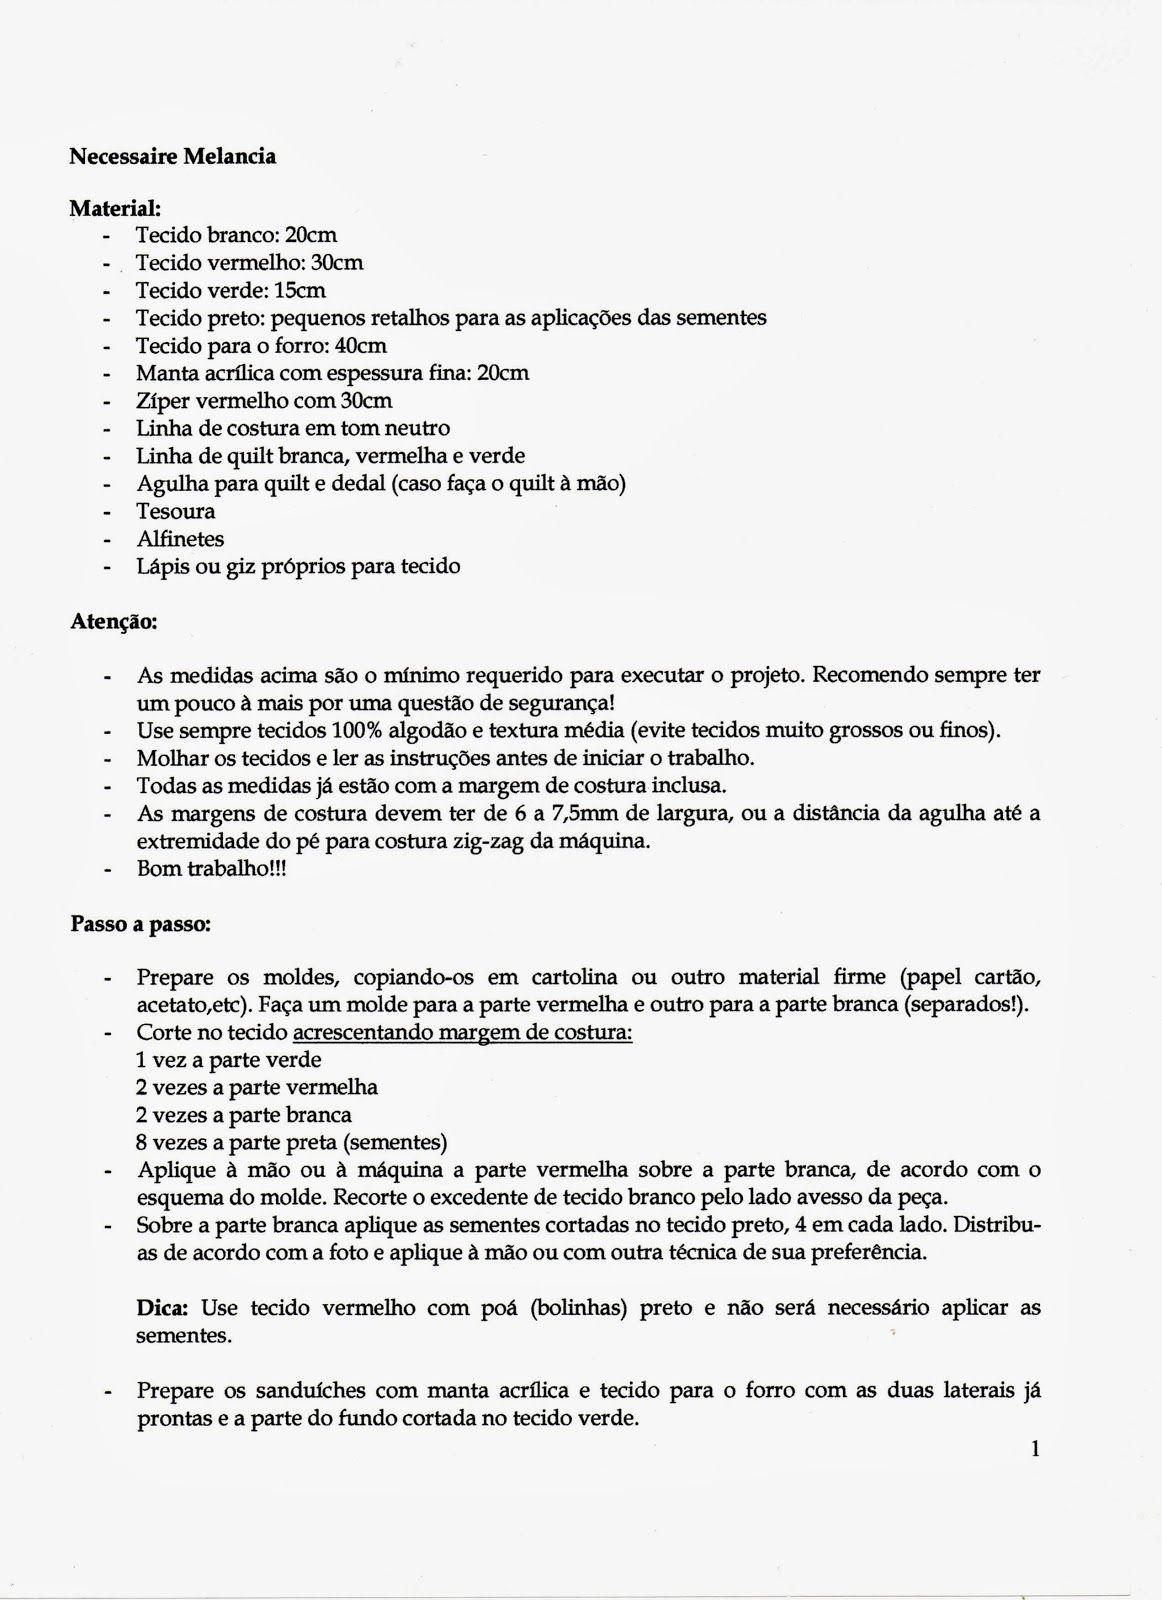 Confraria do Patchwork - Projetos: Fevereiro 2011